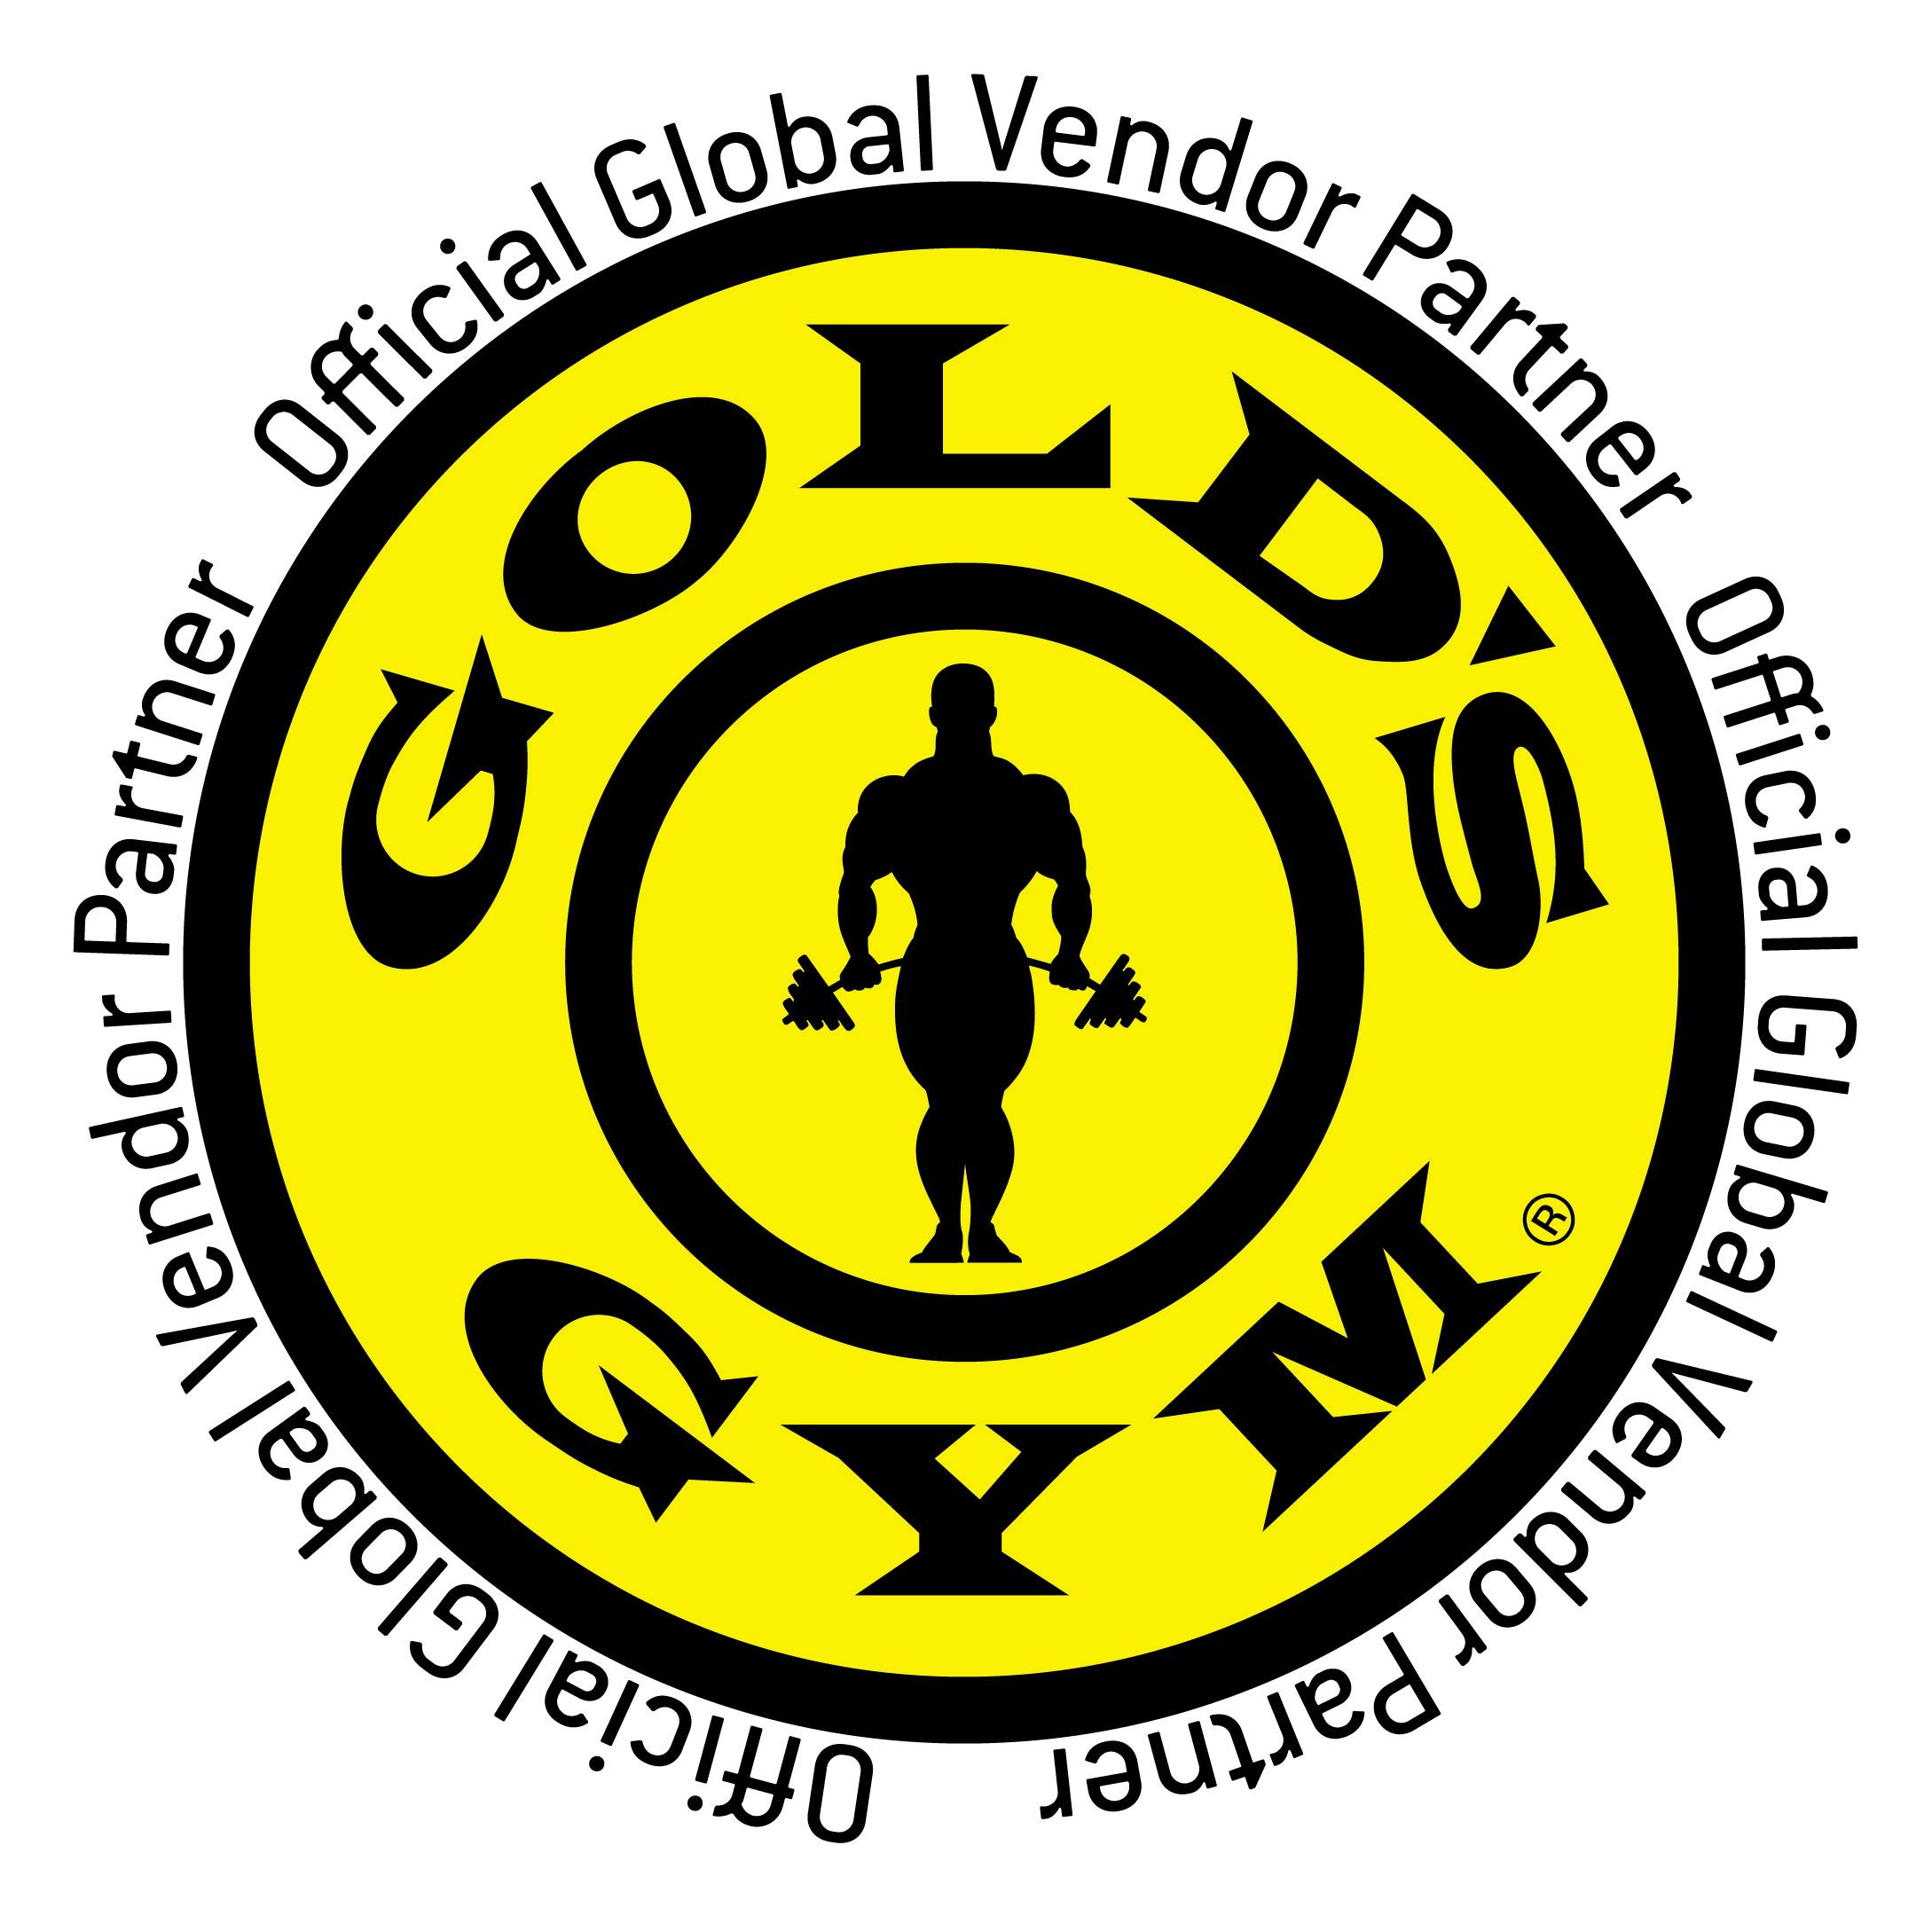 Official Global Vendor Program Partner Since 1991